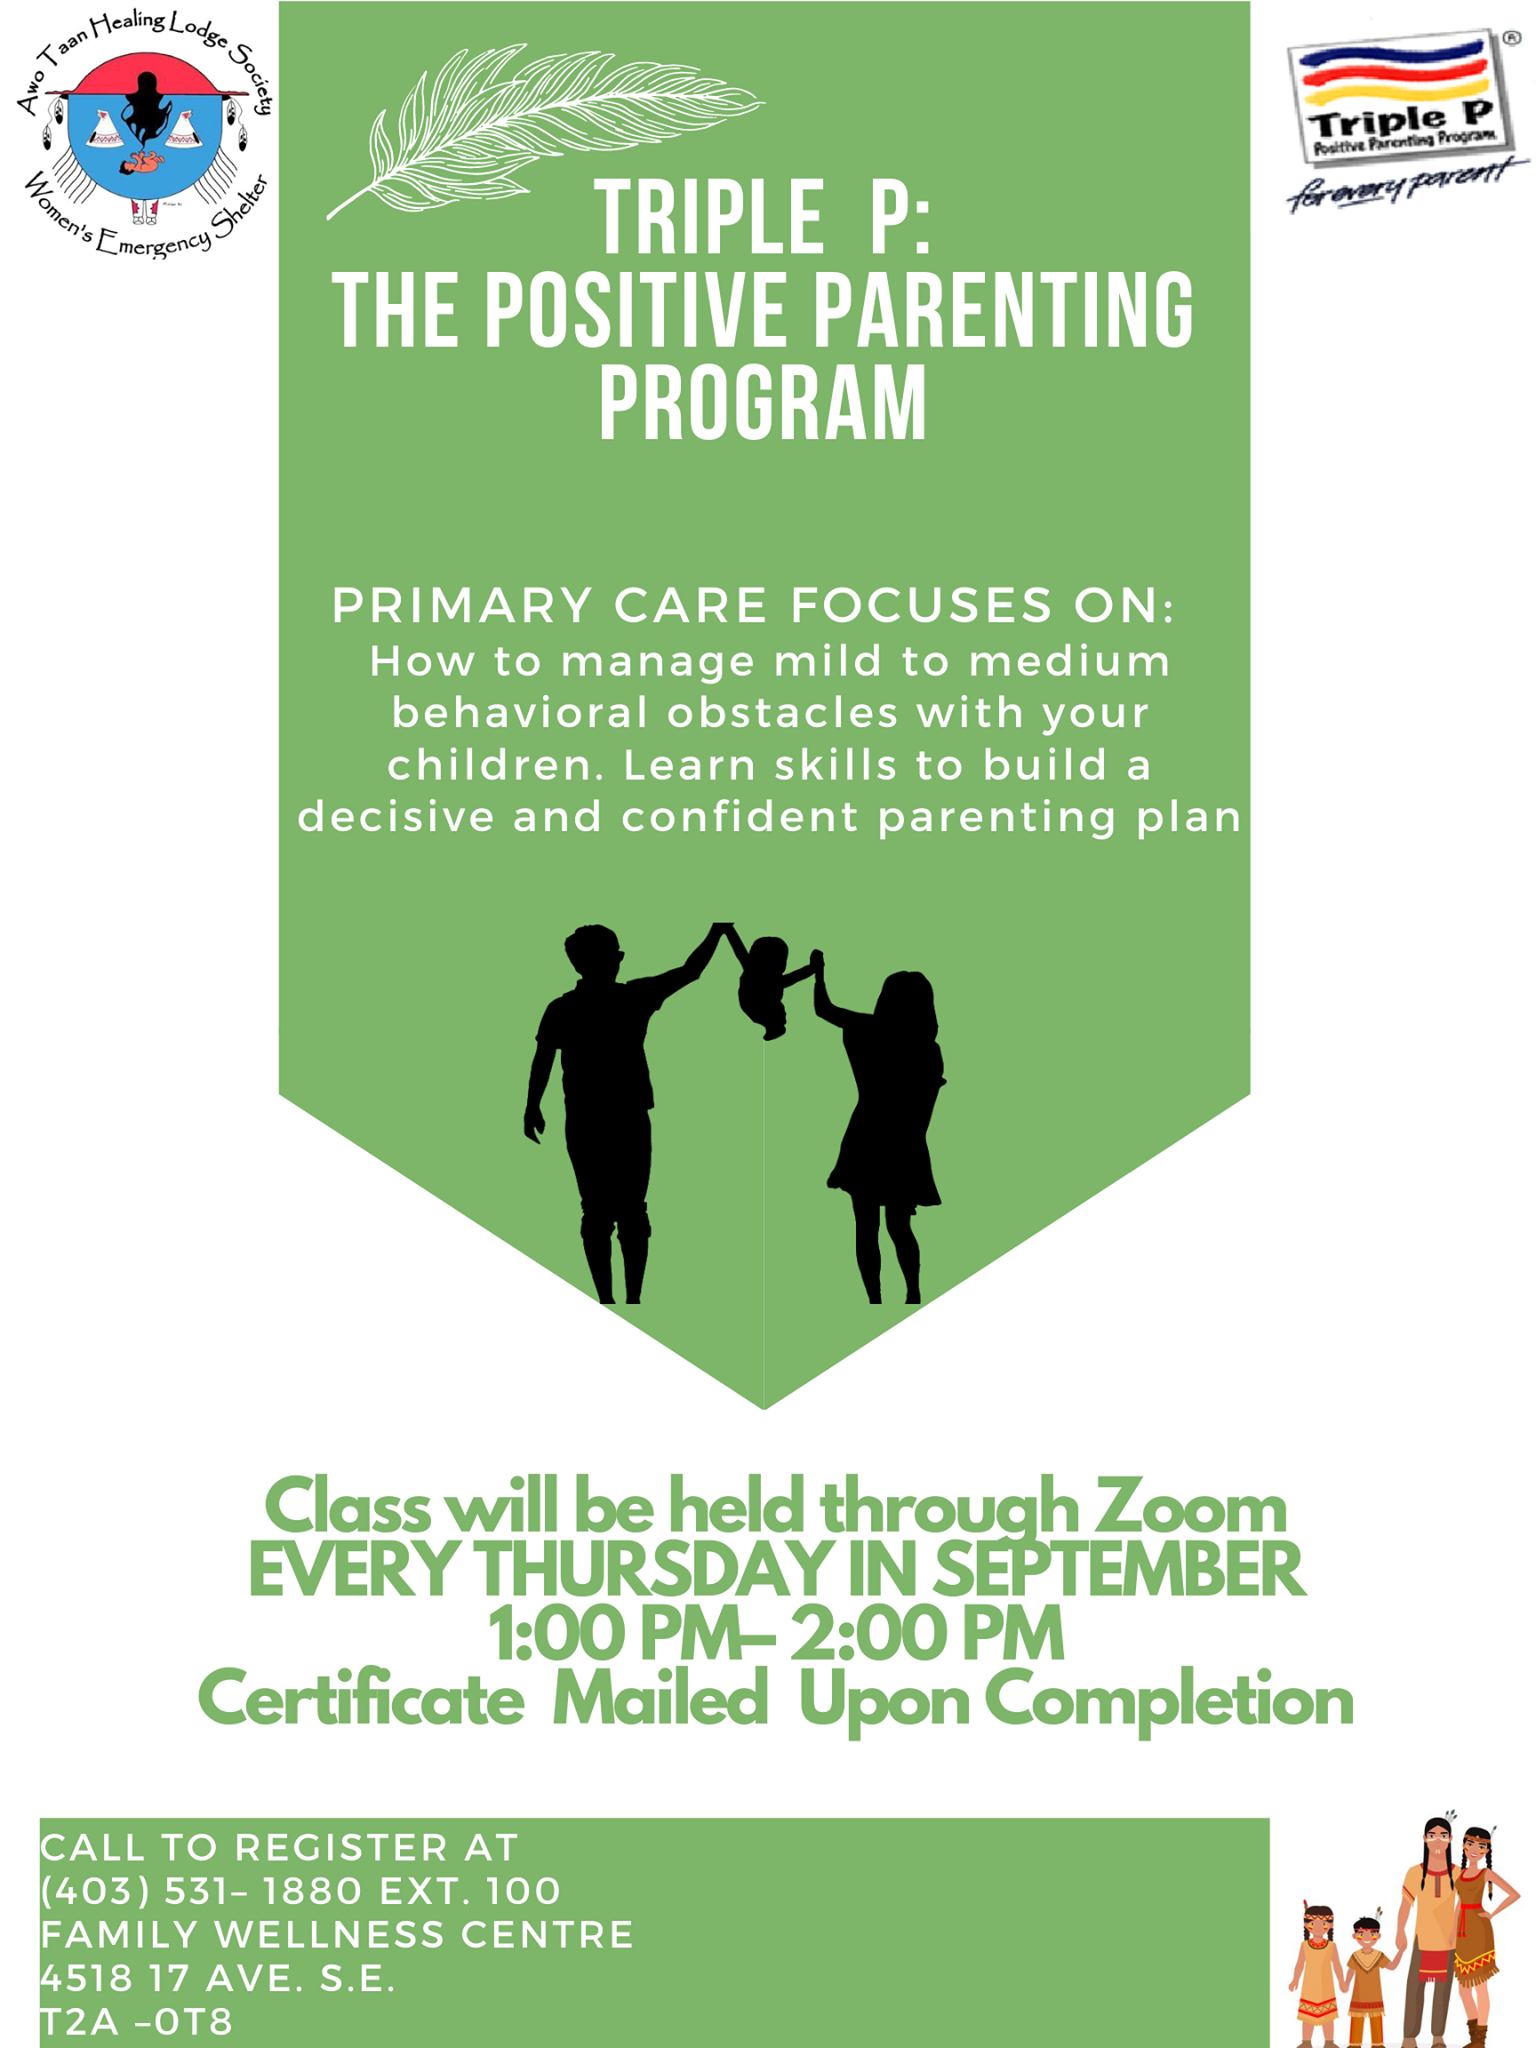 Triple P Positive Parenting